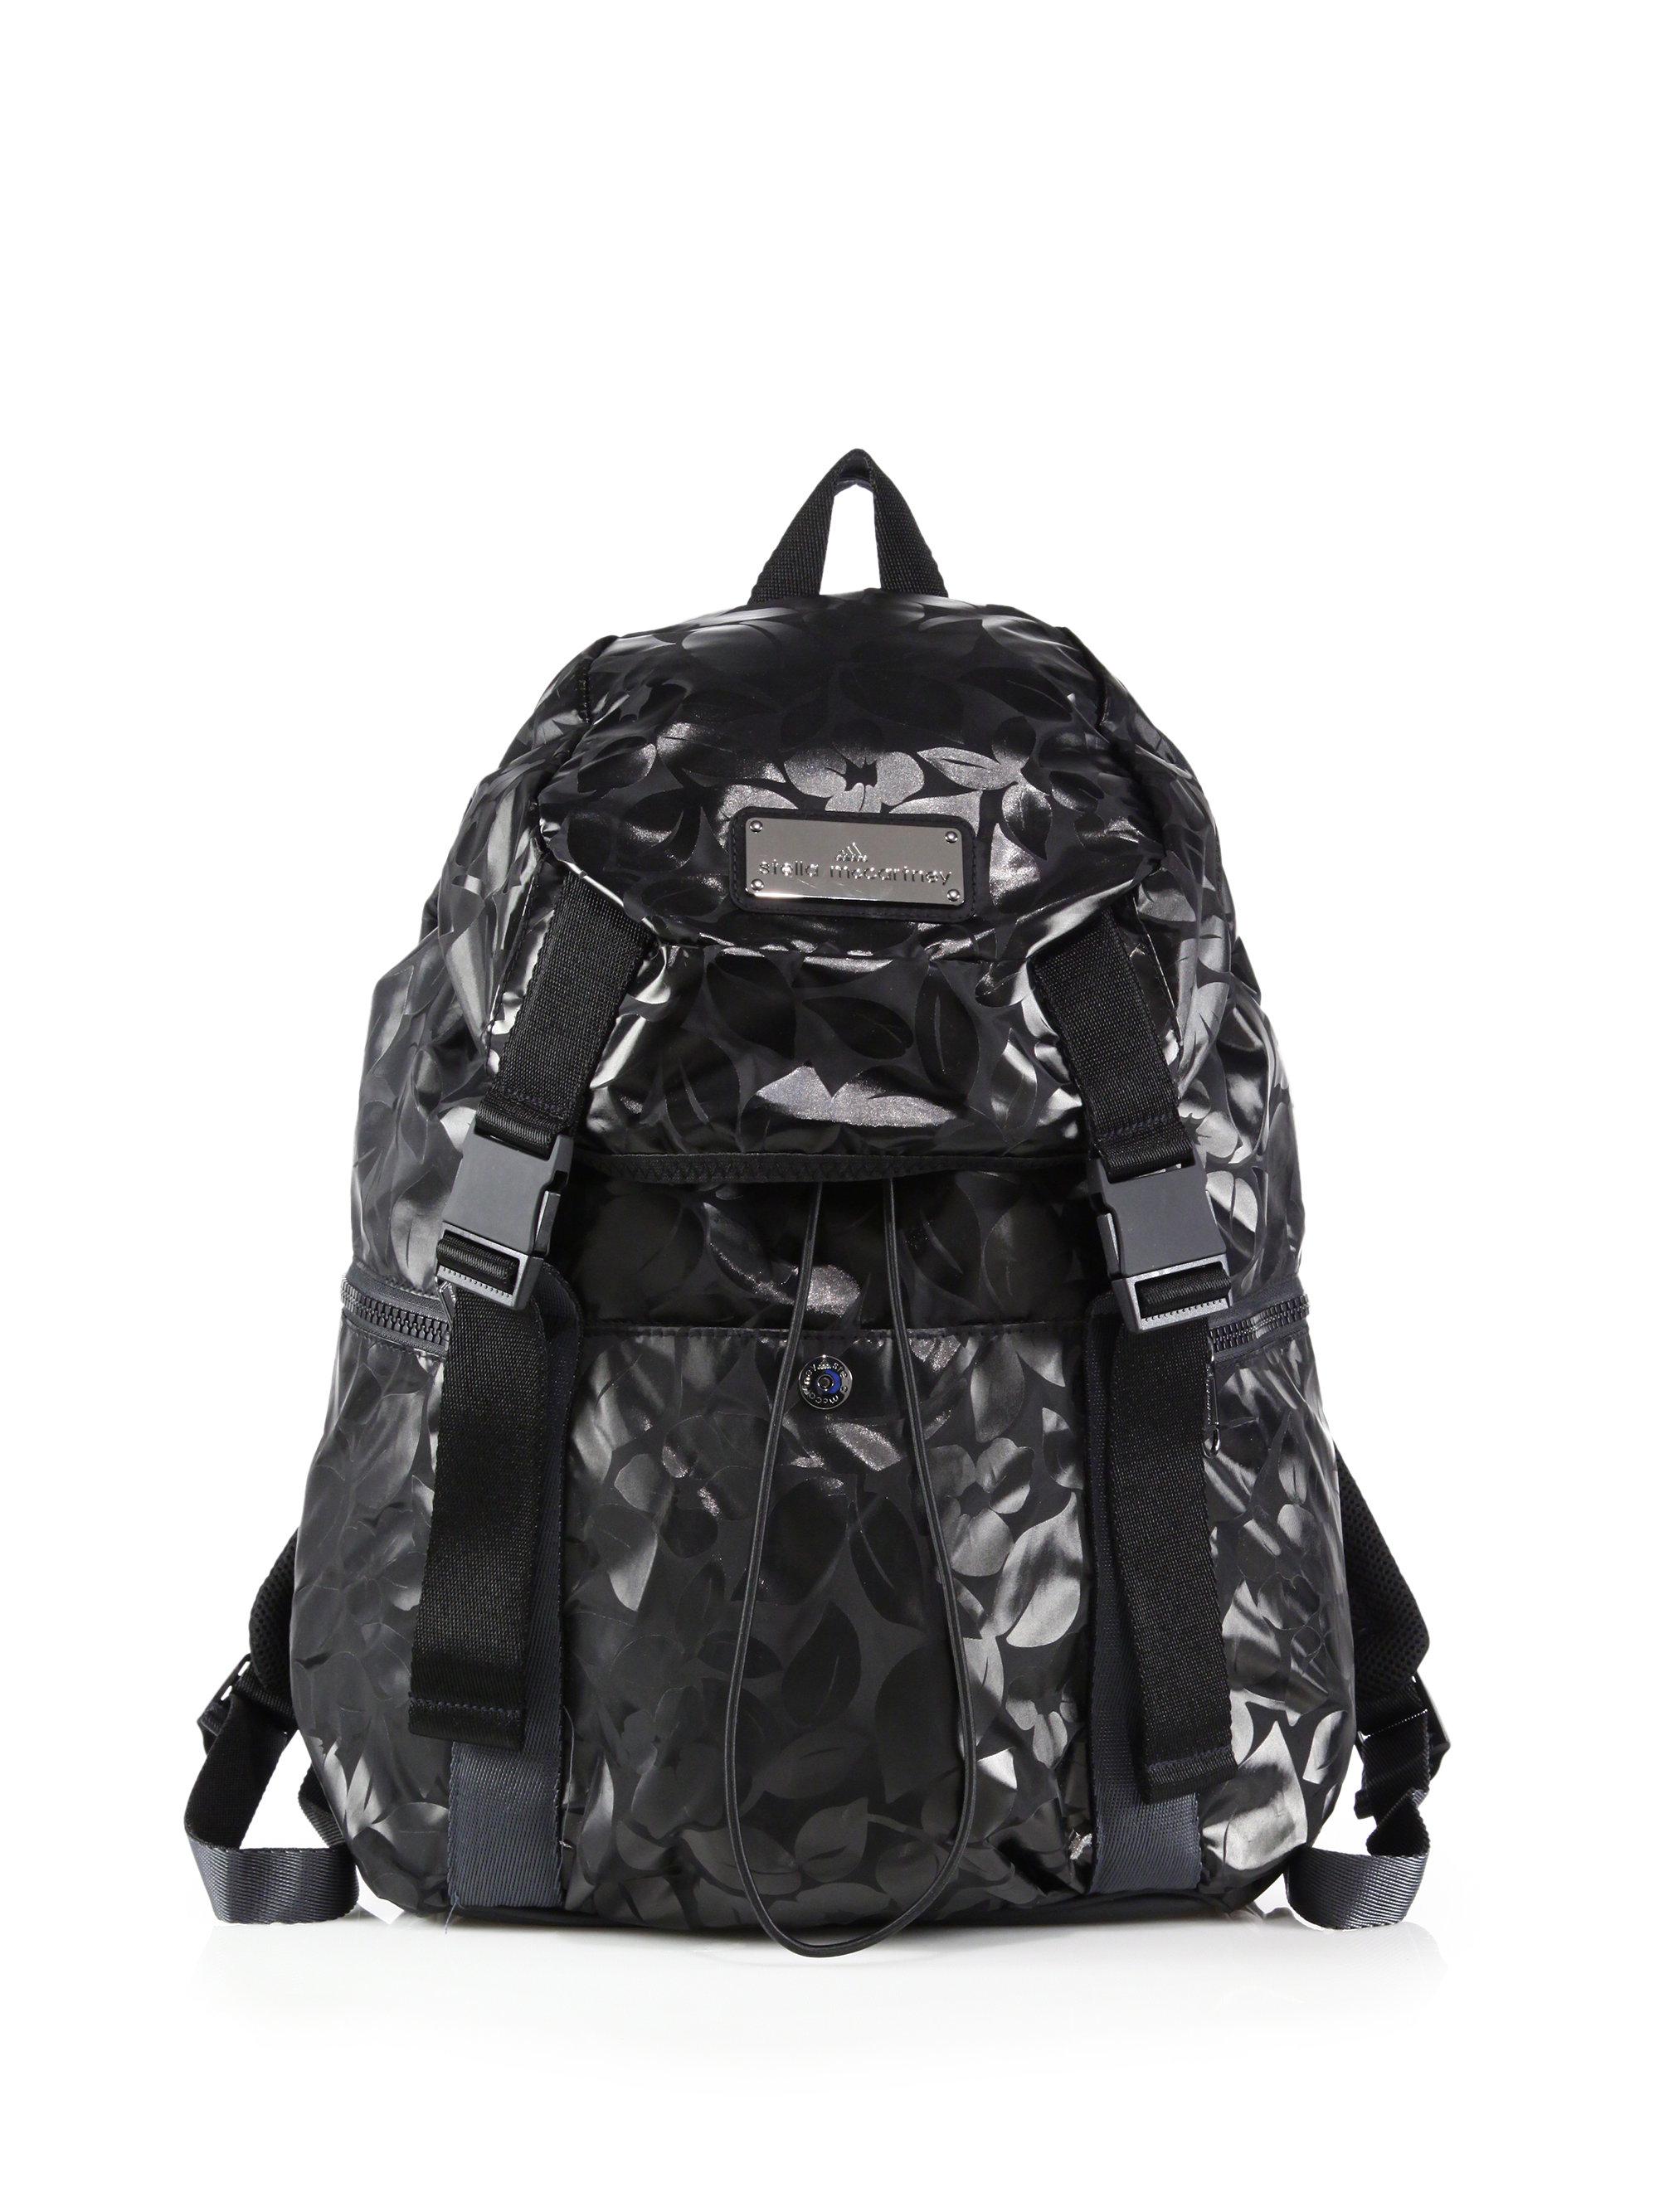 Adidas by stella mccartney Printed Weekender Backpack in ...